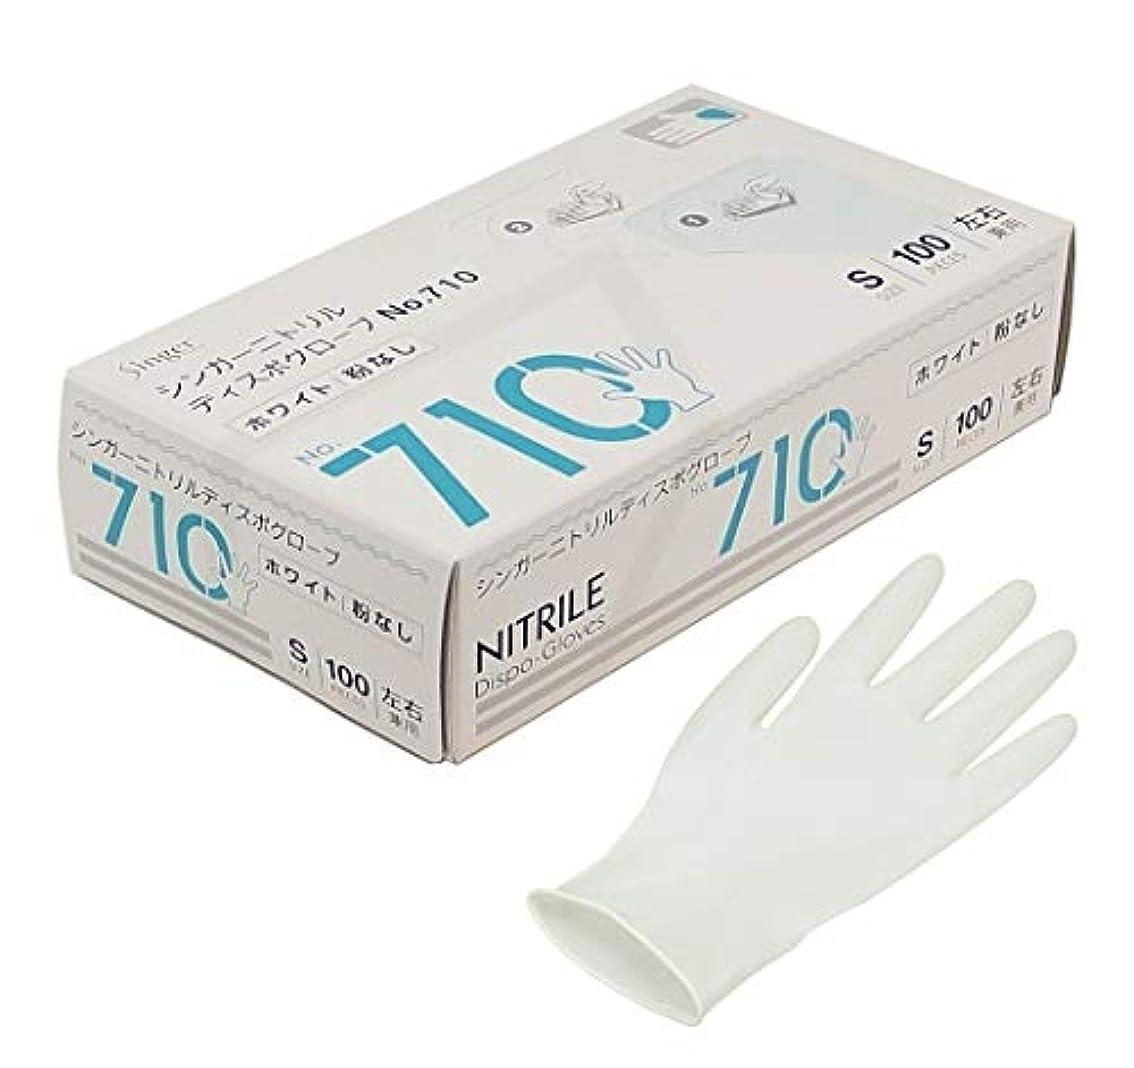 経済トイレ略語シンガー ニトリルディスポグローブ(手袋) No.710 ホワイト パウダーフリー(100枚) S